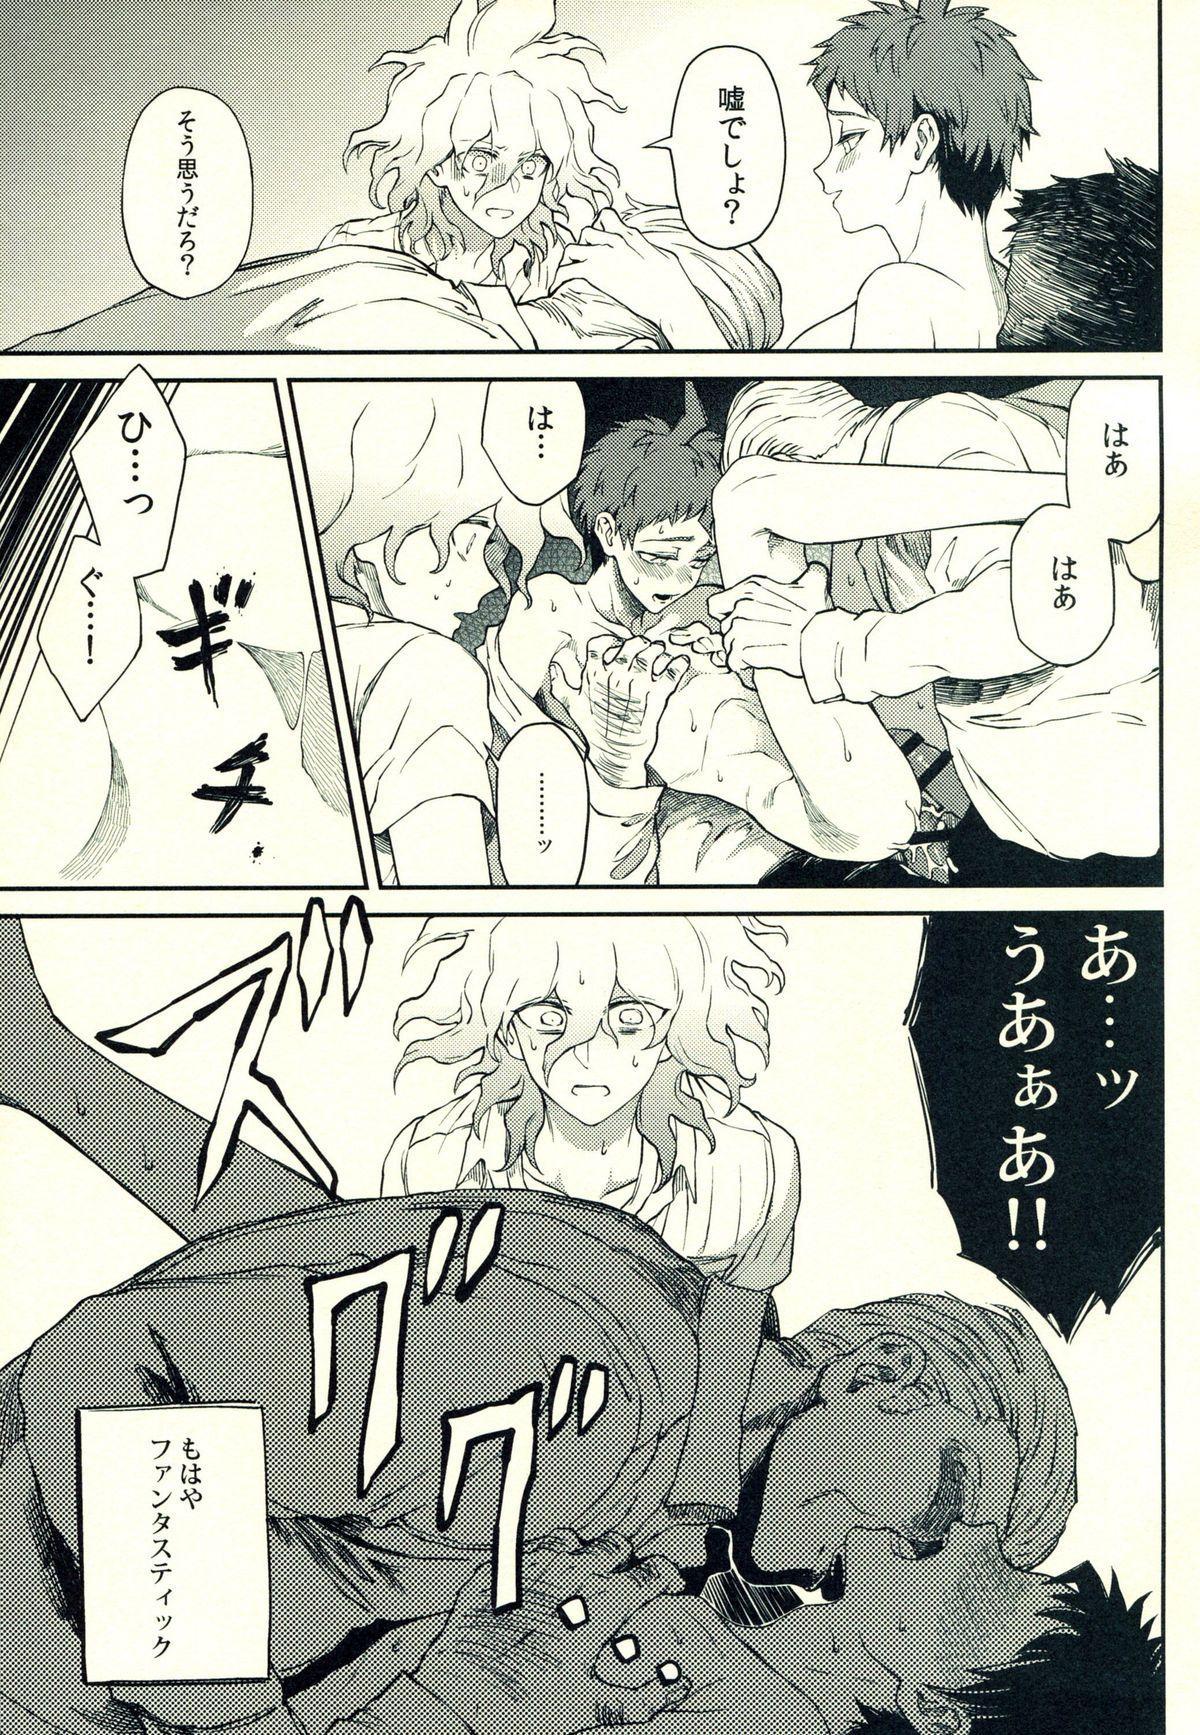 Hinata Hajime no Himitsu no Jikan 9